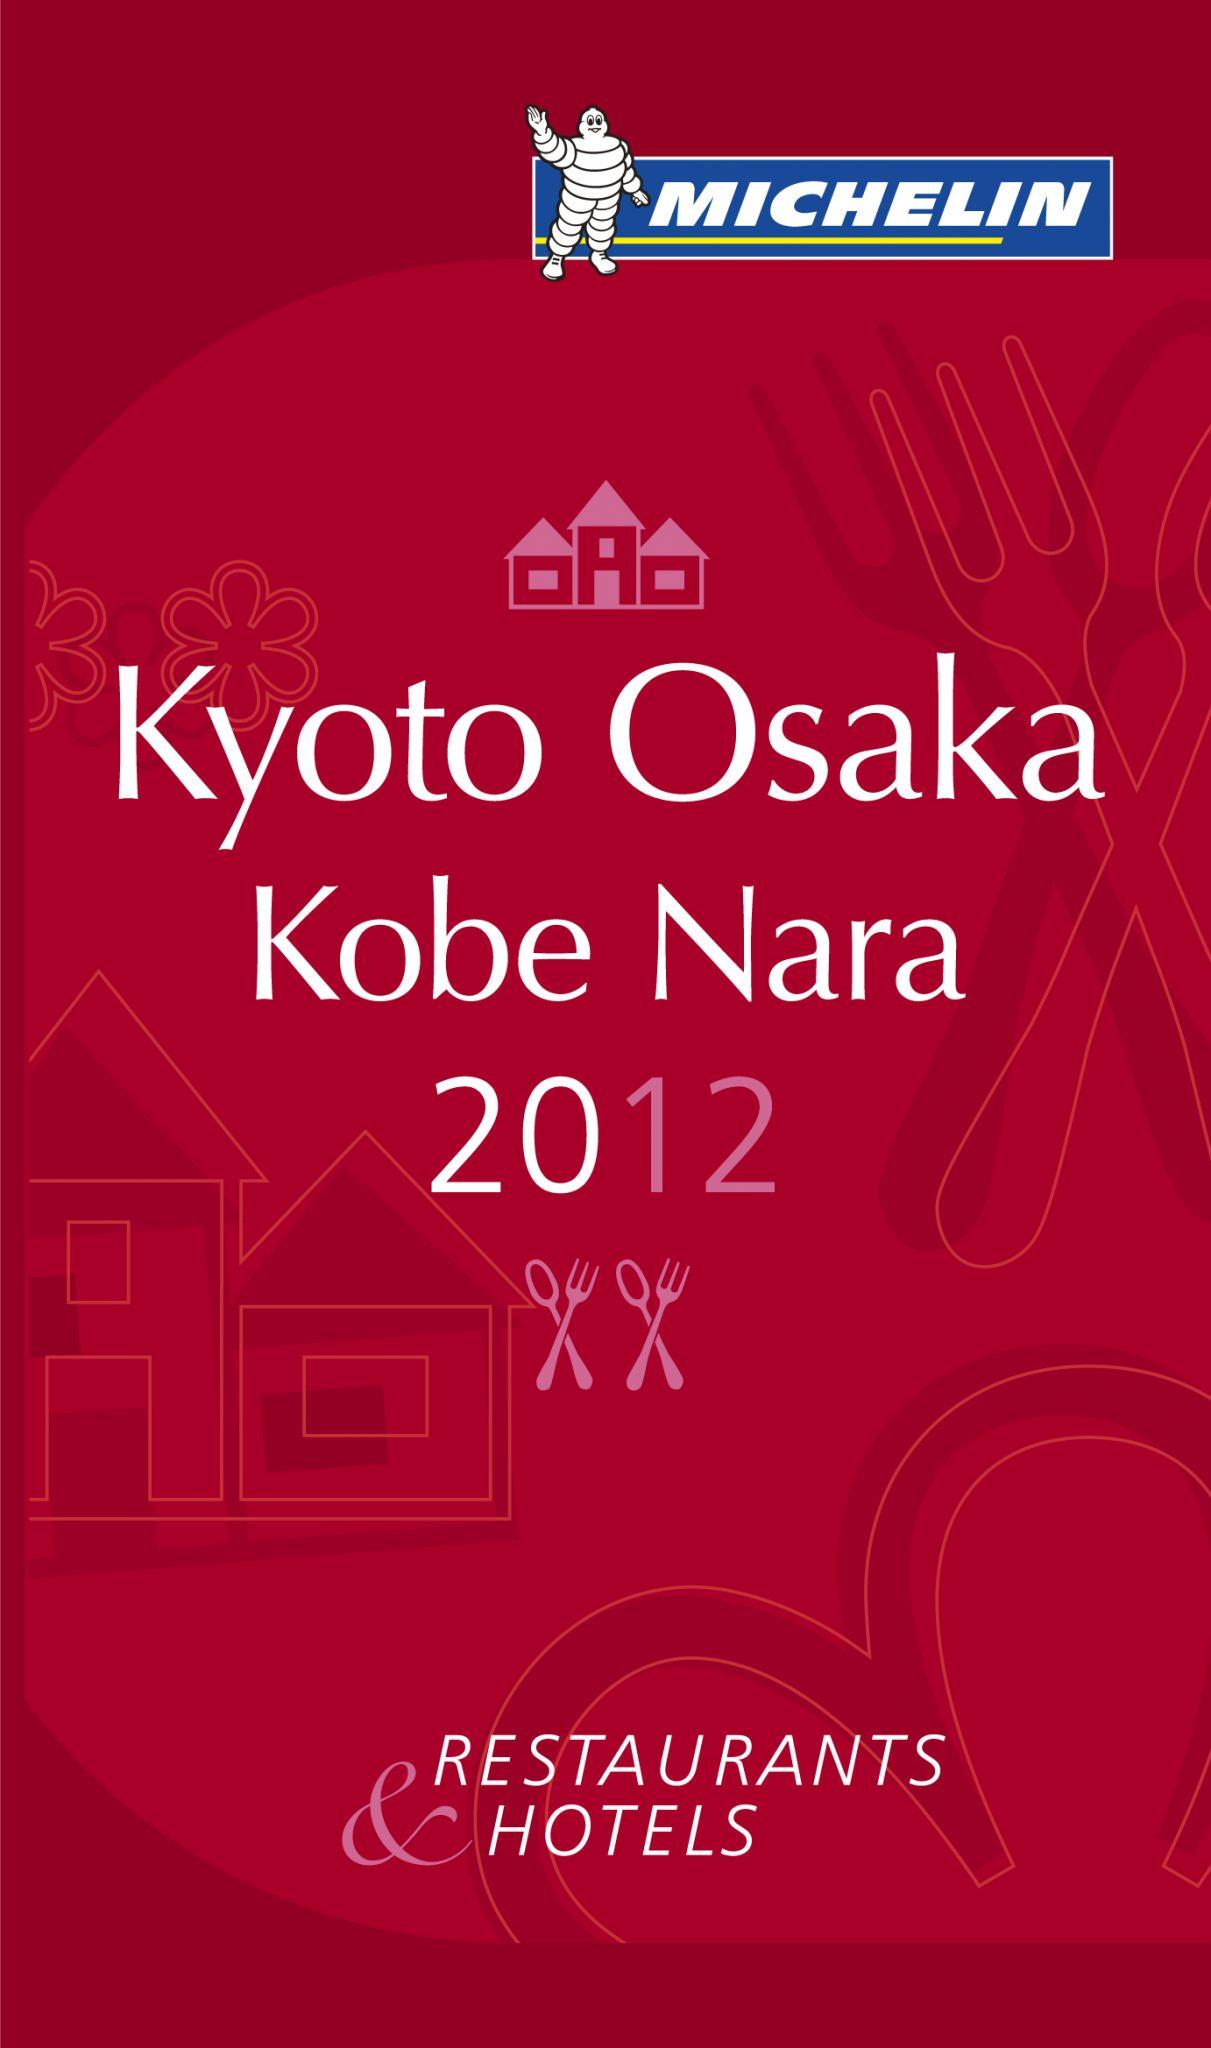 ミシュランガイド京都・大阪・神戸・奈良2012(英語版)